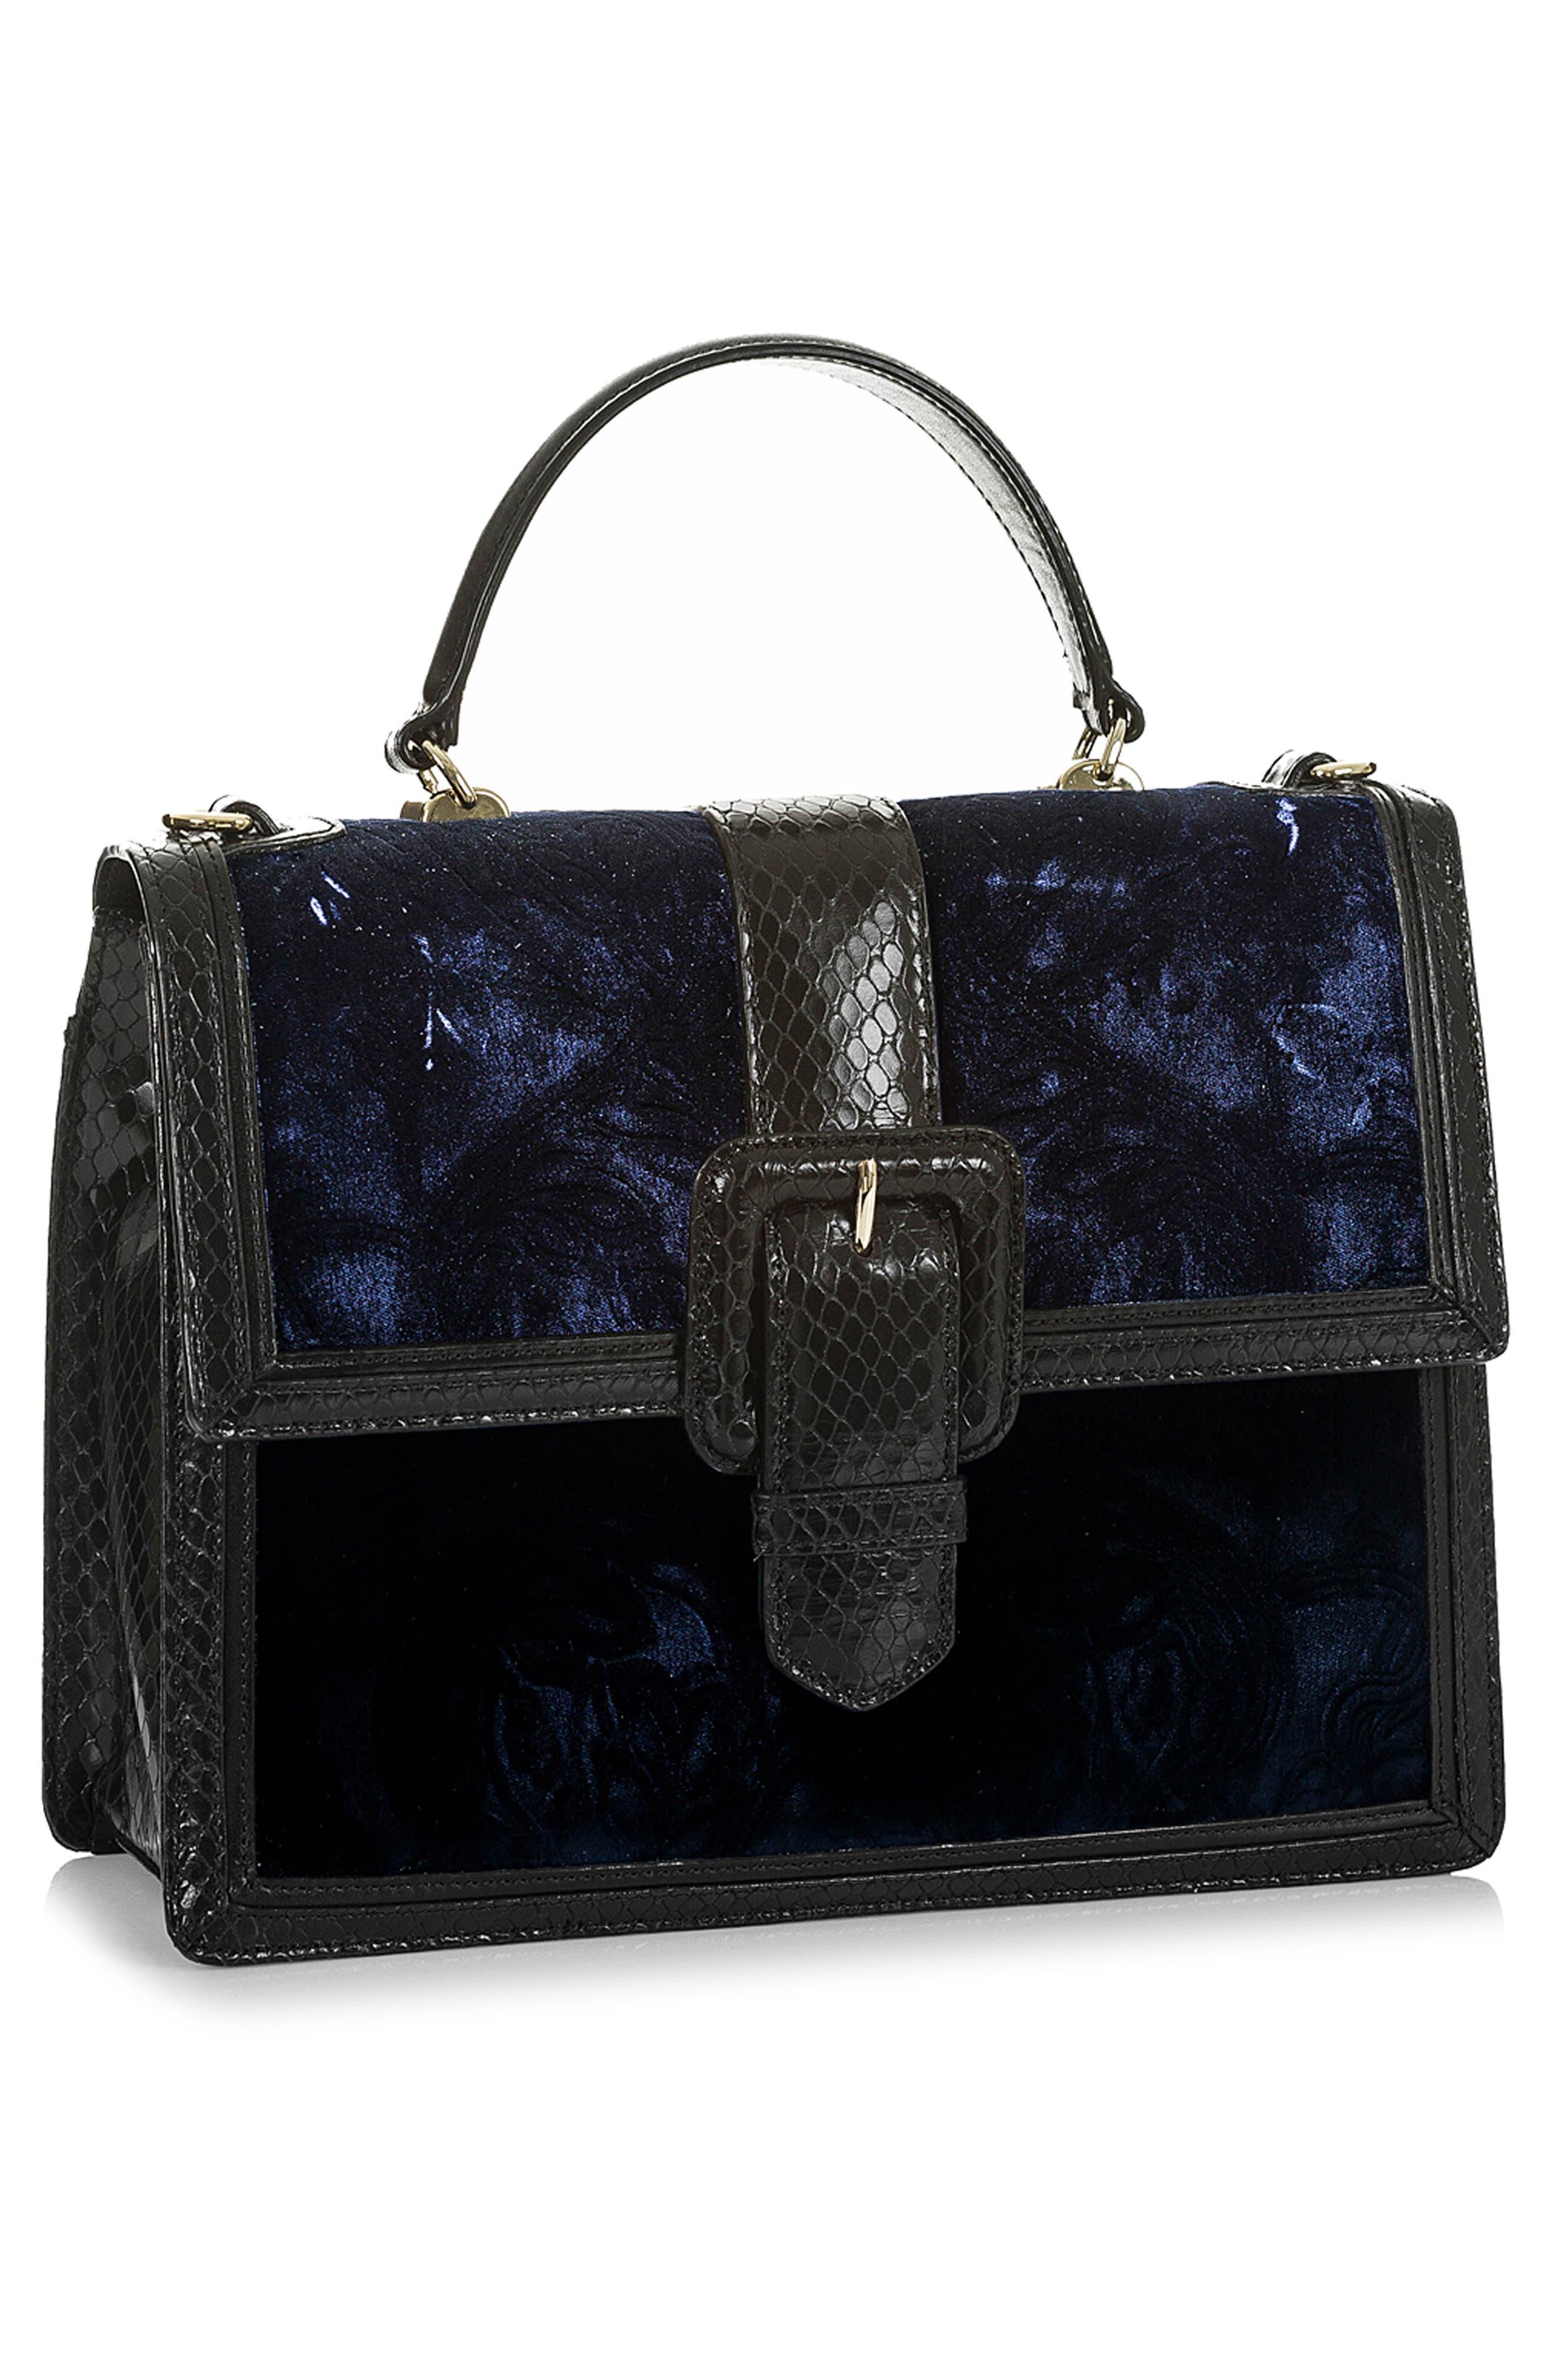 BRAHMIN, Medium Francine Snake Embossed Leather & Velvet Satchel, Alternate thumbnail 4, color, NAVY